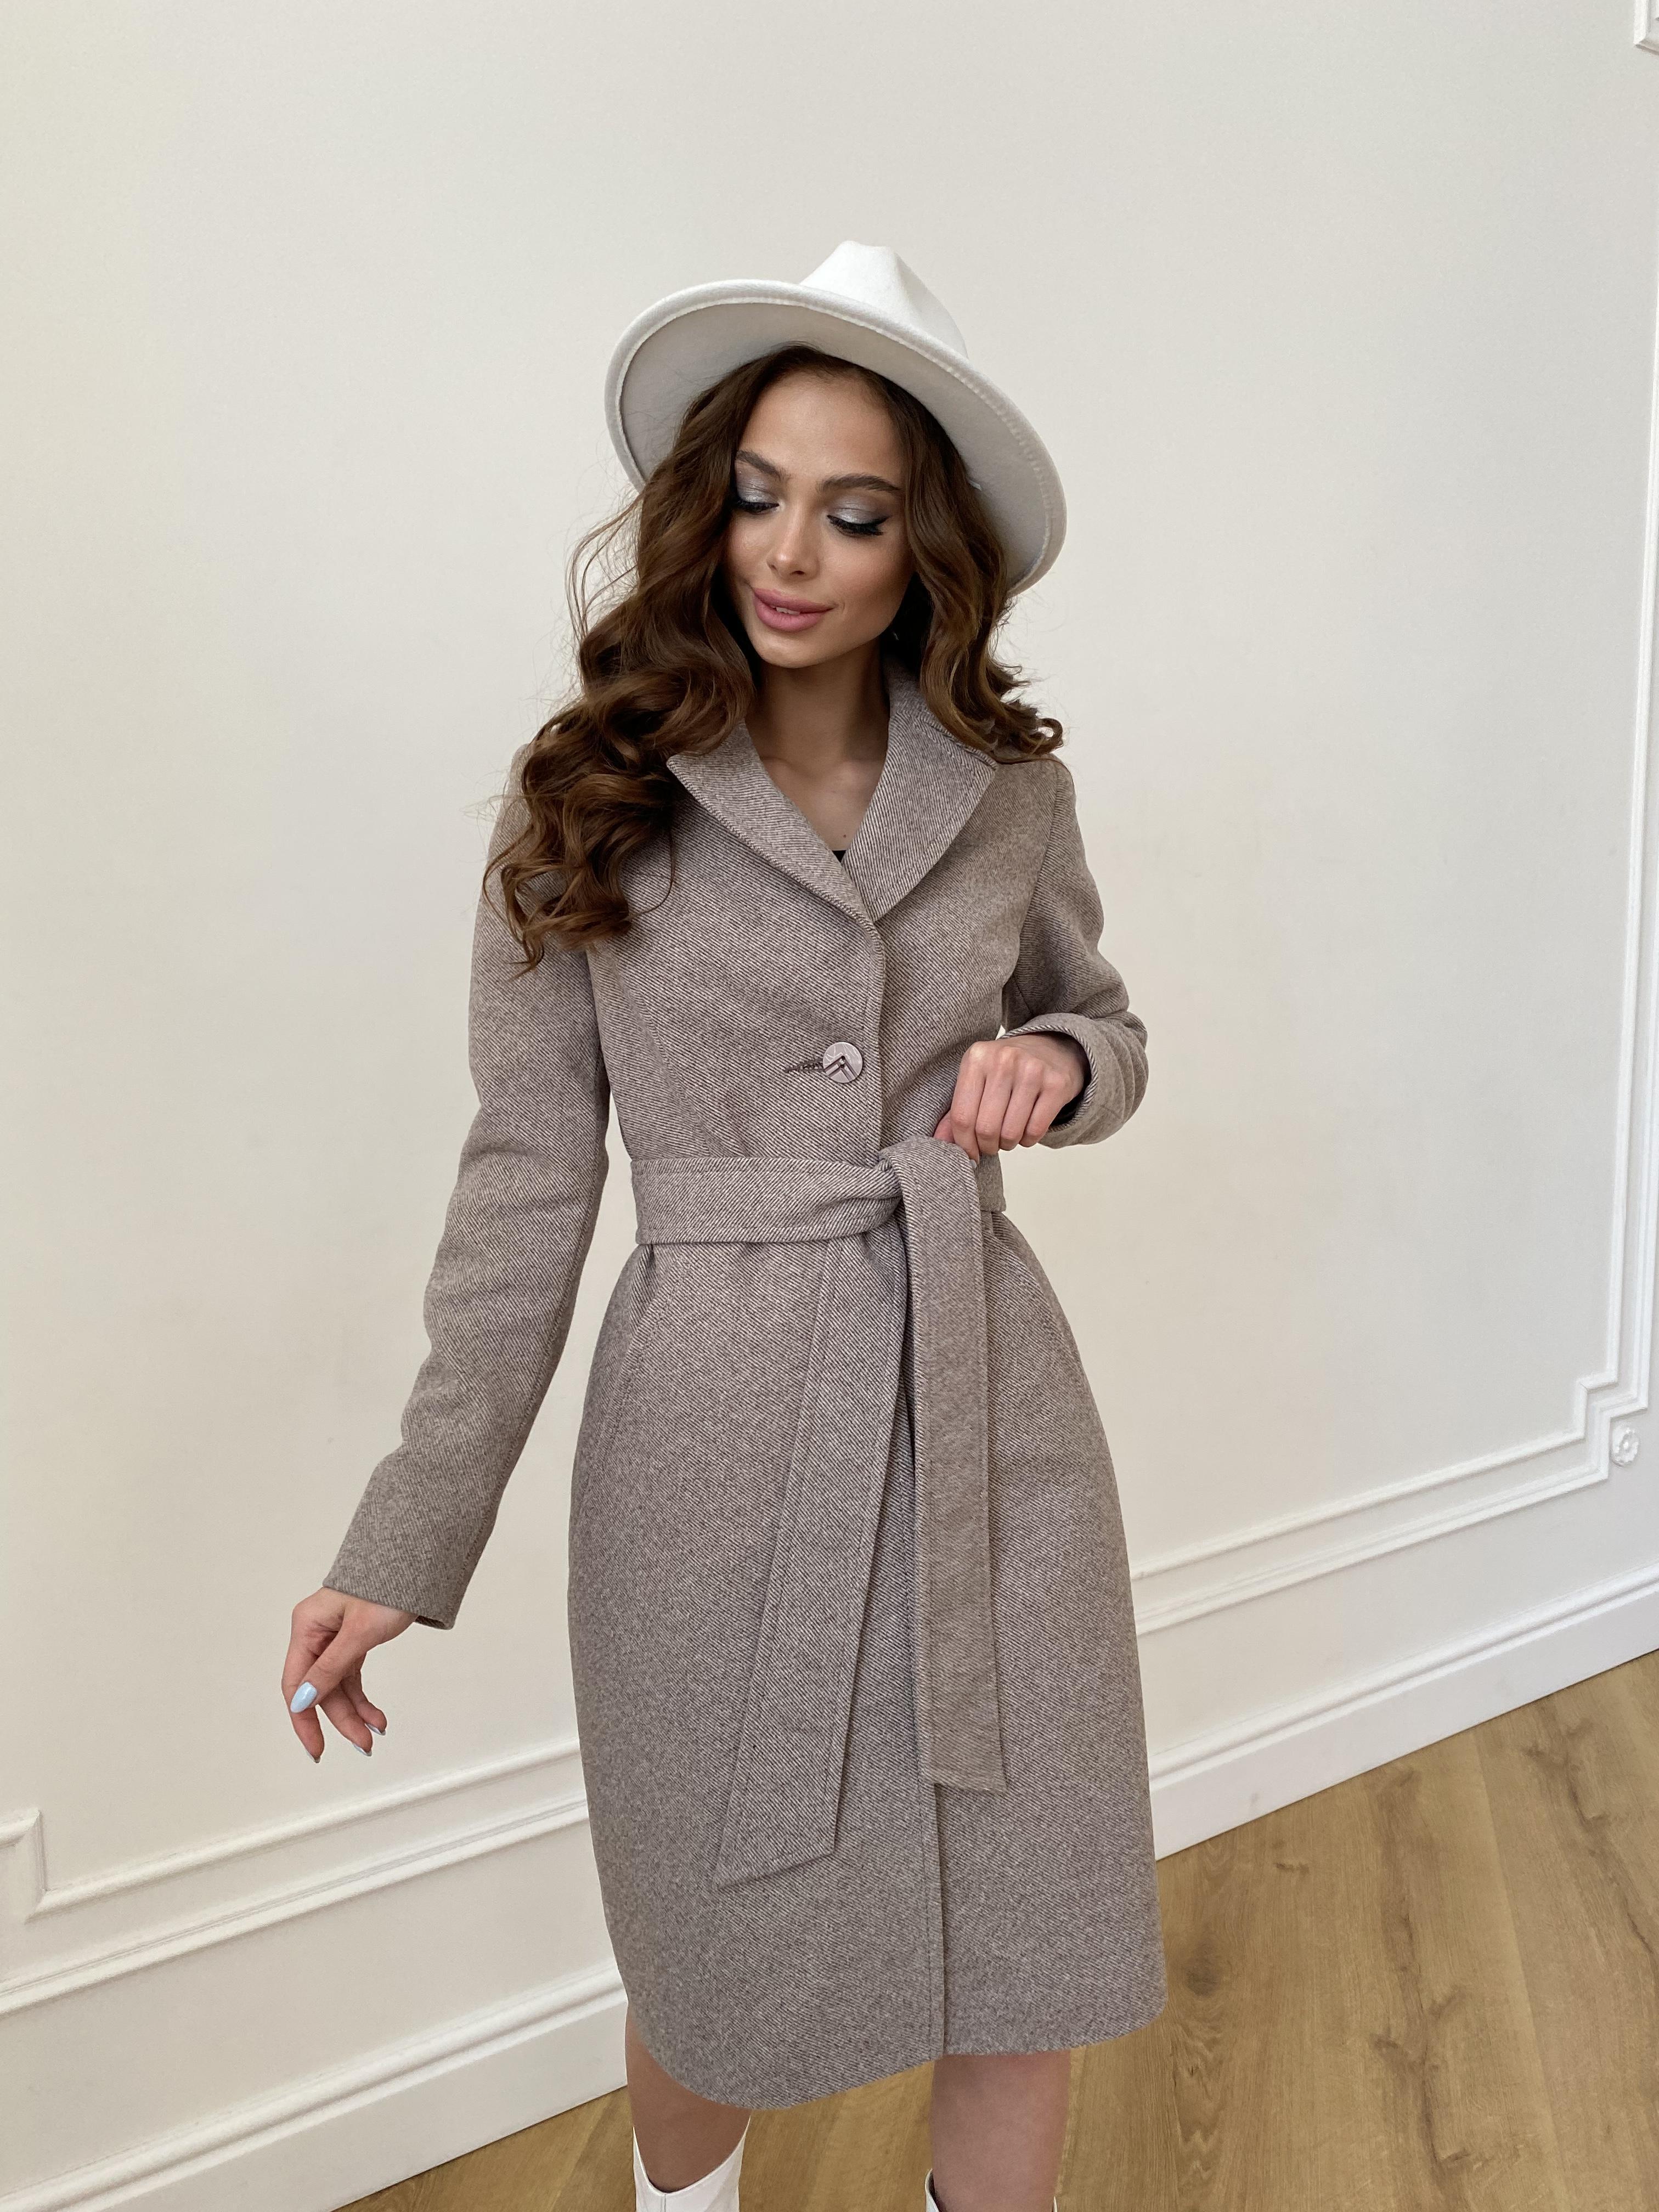 Камила  пальто из кашемира зима 8487 АРТ. 46457 Цвет: Шоколадный меланж 5 - фото 4, интернет магазин tm-modus.ru